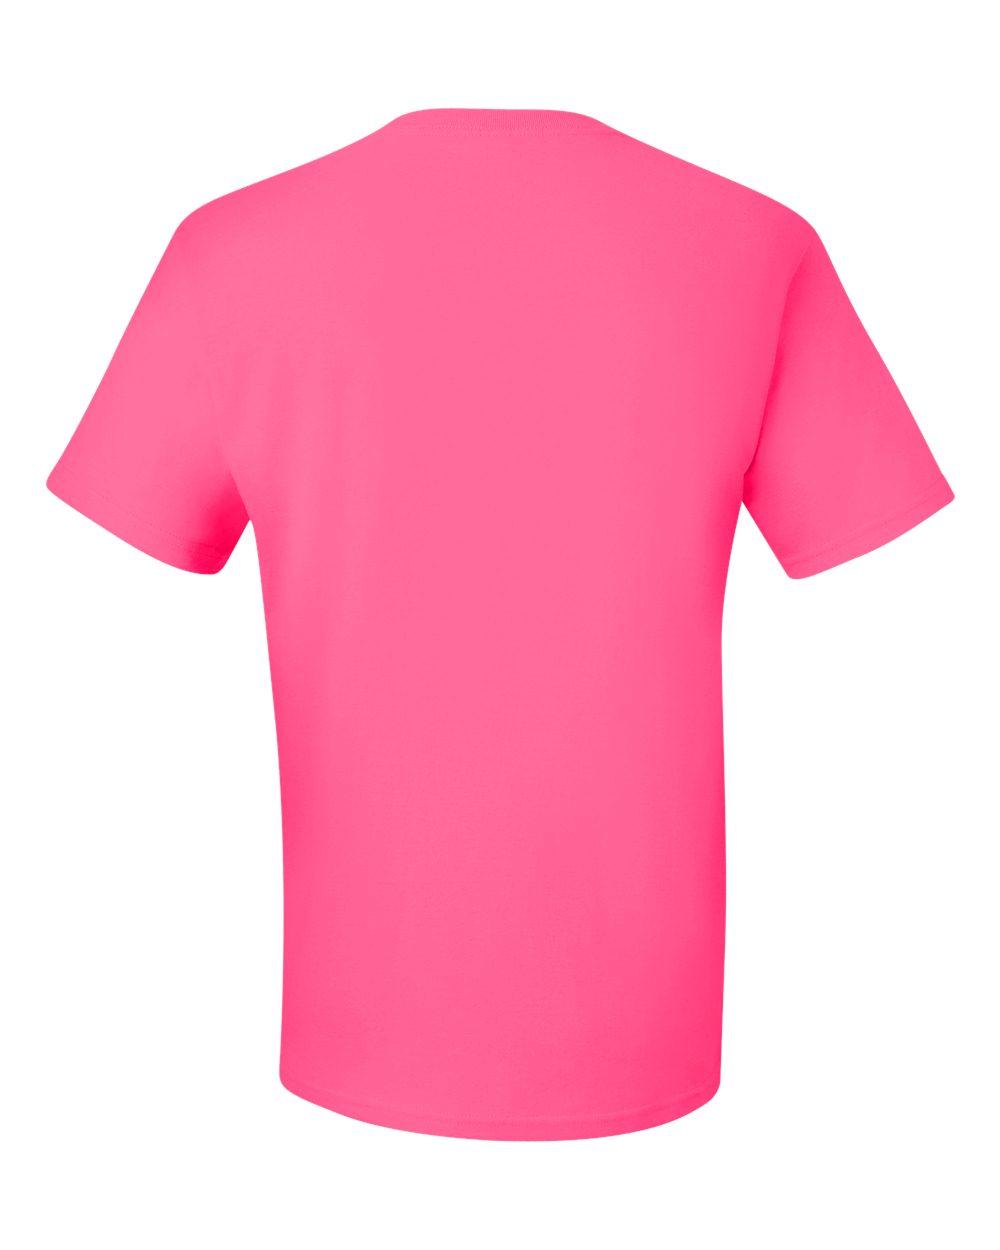 Jerzees-Men-039-s-5-6-oz-50-50-Heavyweight-Blend-T-Shirt-29M-S-4XL thumbnail 49